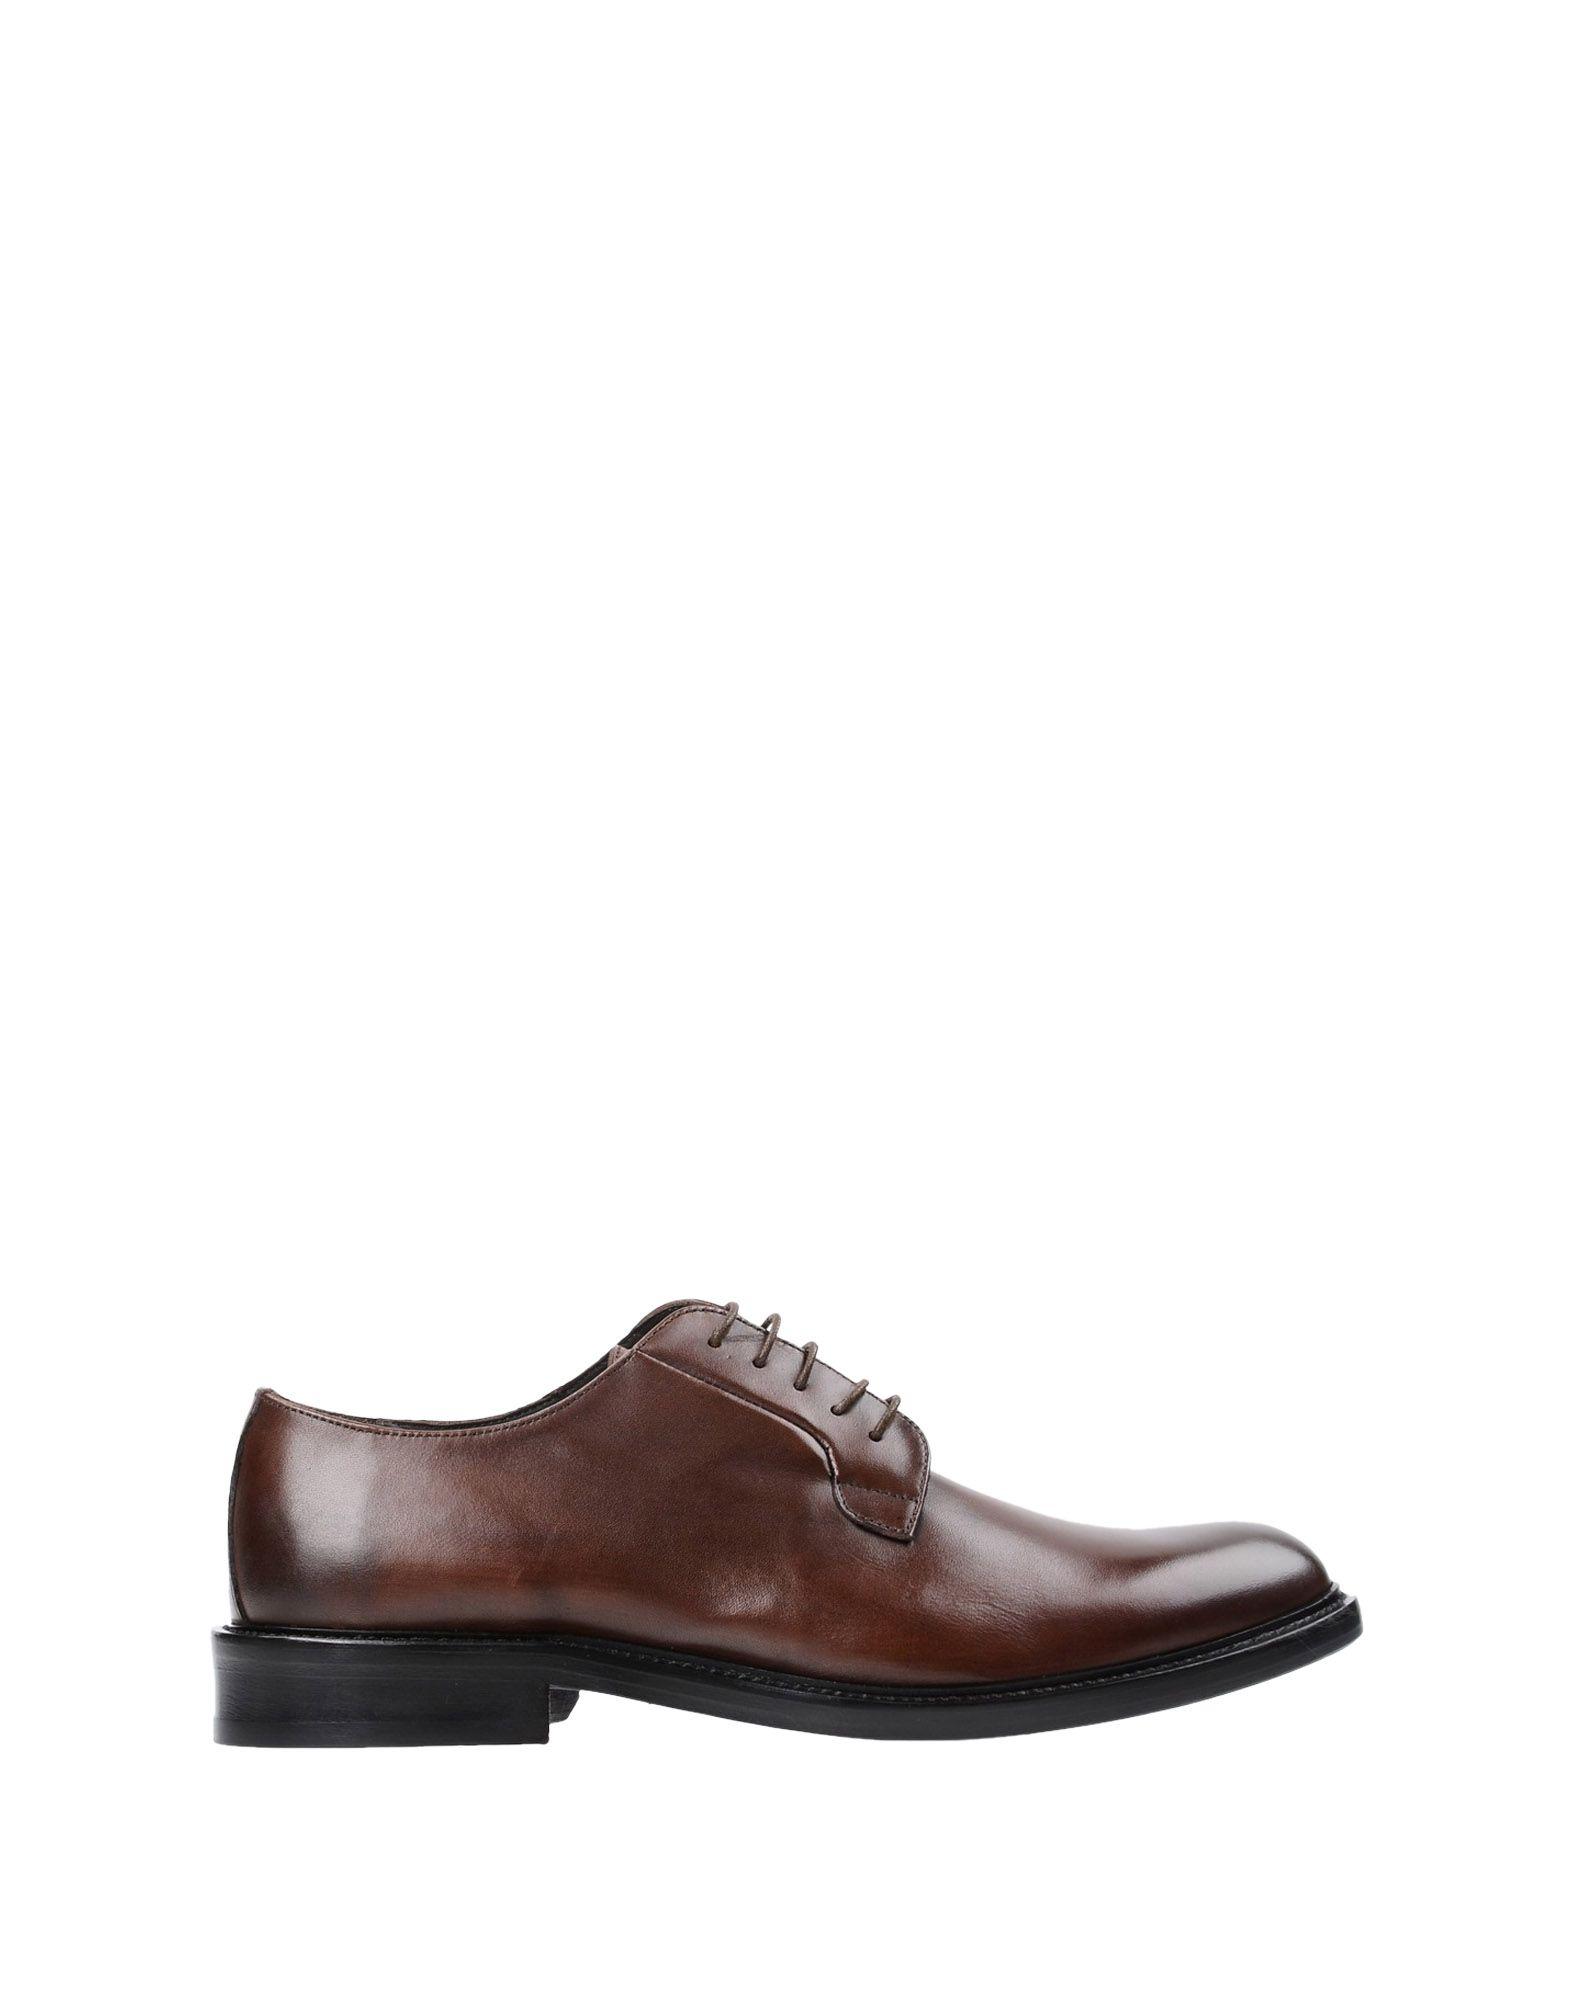 Marechiaro 1962 Schnürschuhe Herren  11331074ST Gute Qualität beliebte Schuhe